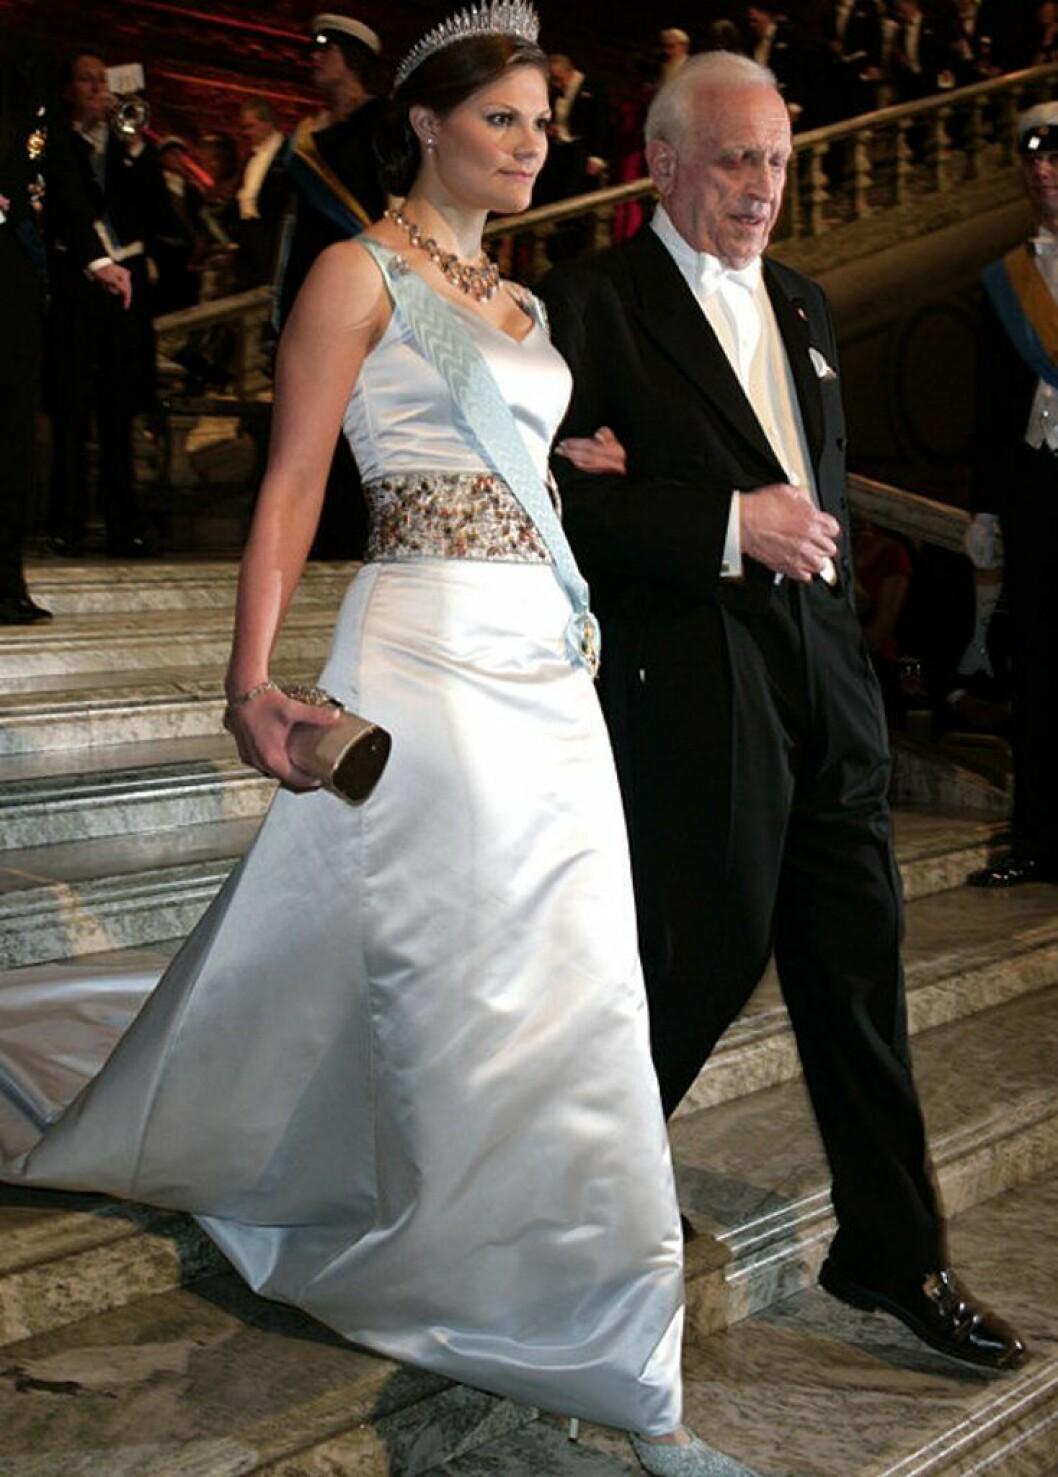 Kronprinsessan Victoria i en vit klänning med skärp.